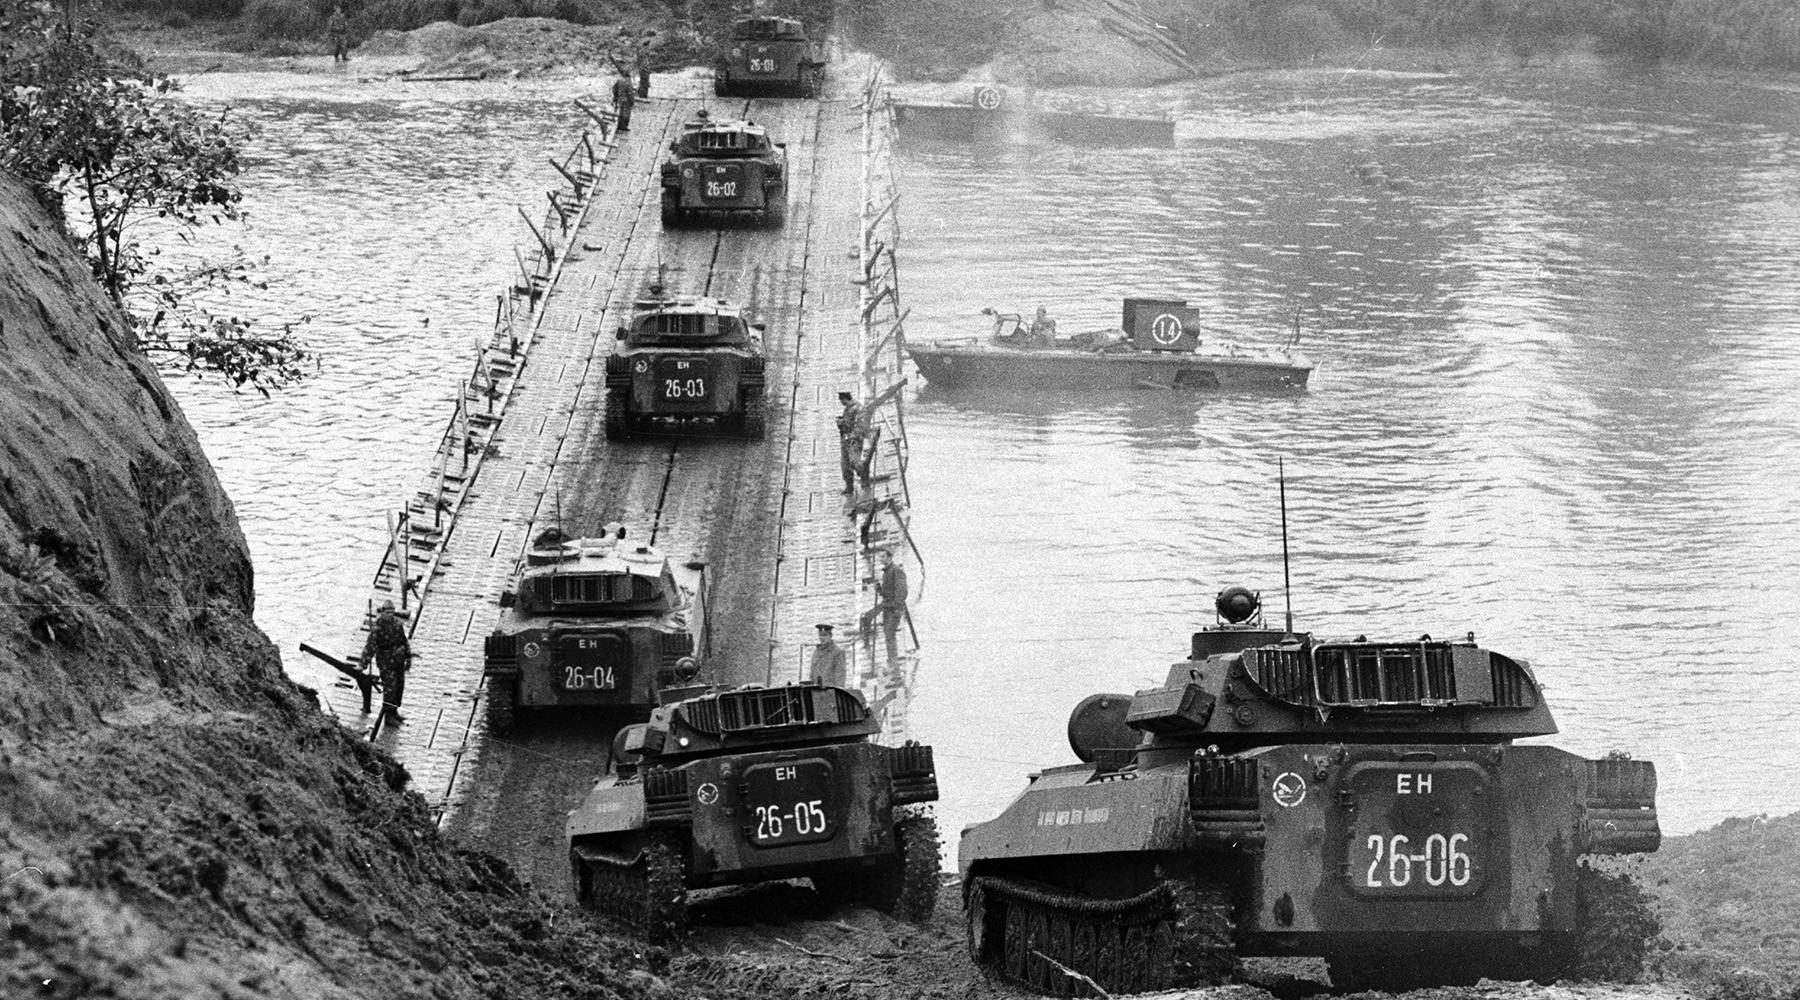 从西方81到东方18 中俄联合军演能再次震惊世界吗